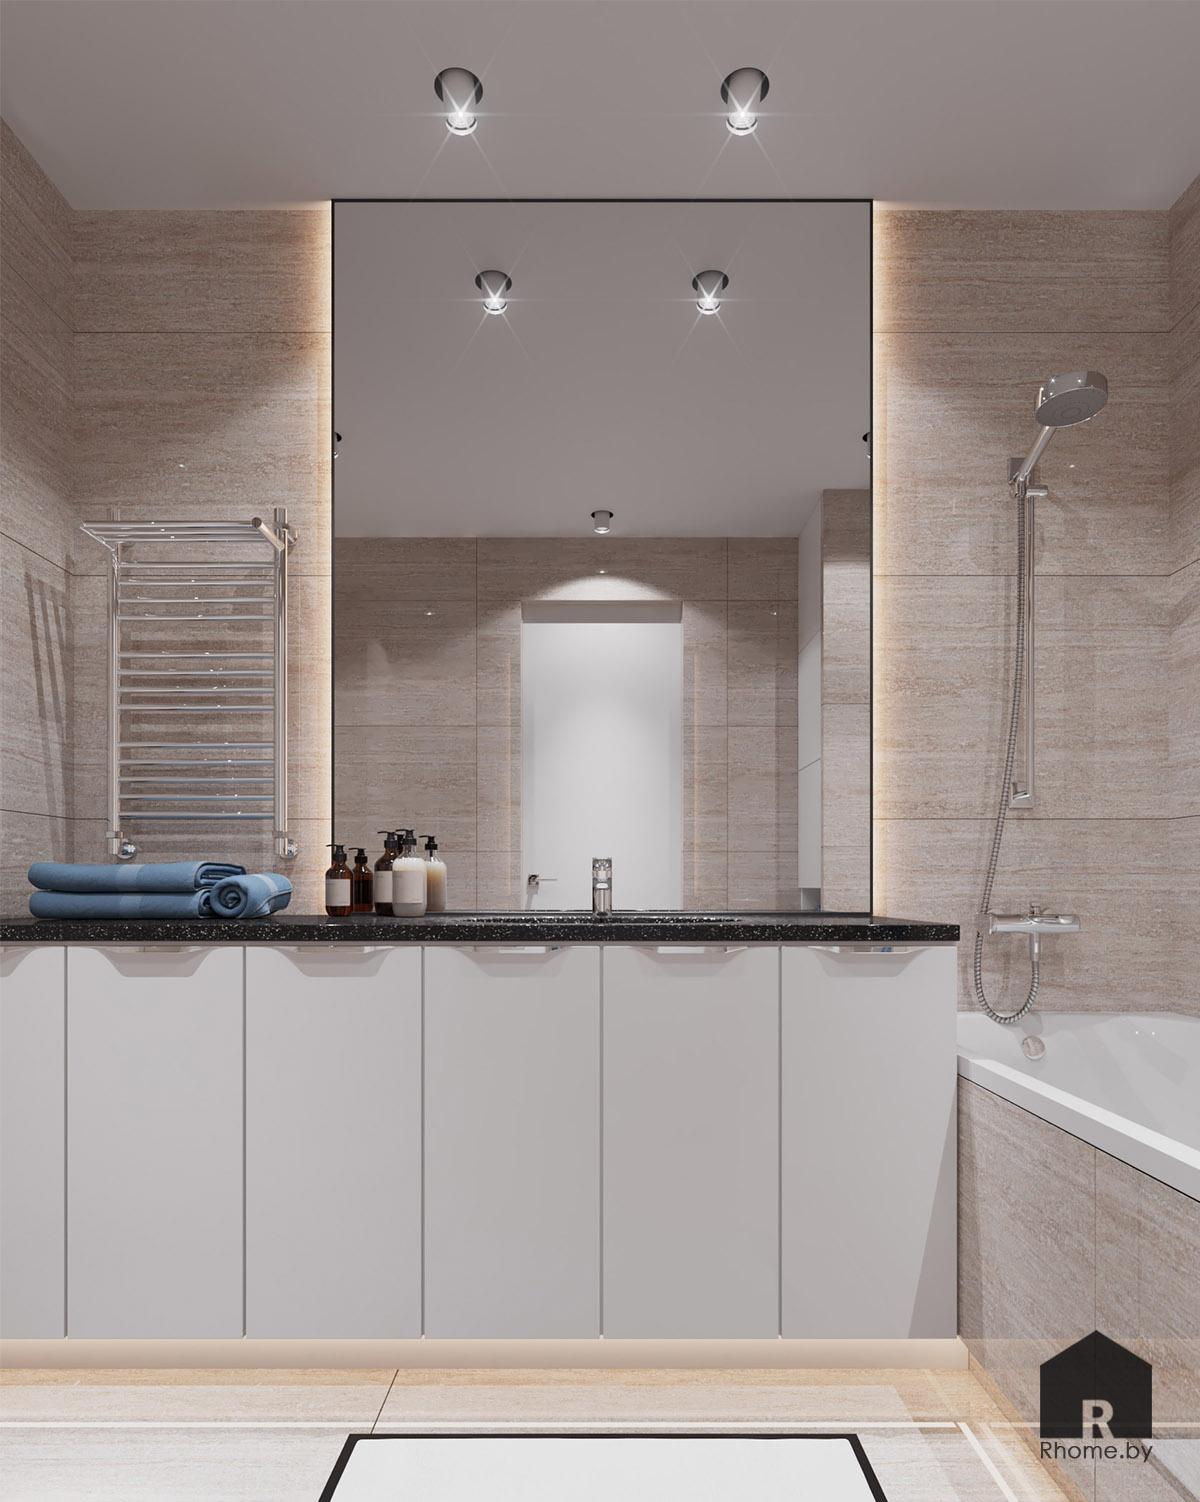 Дизайн ванной по ул. Восточная | Дизайн студия – Rhome.by